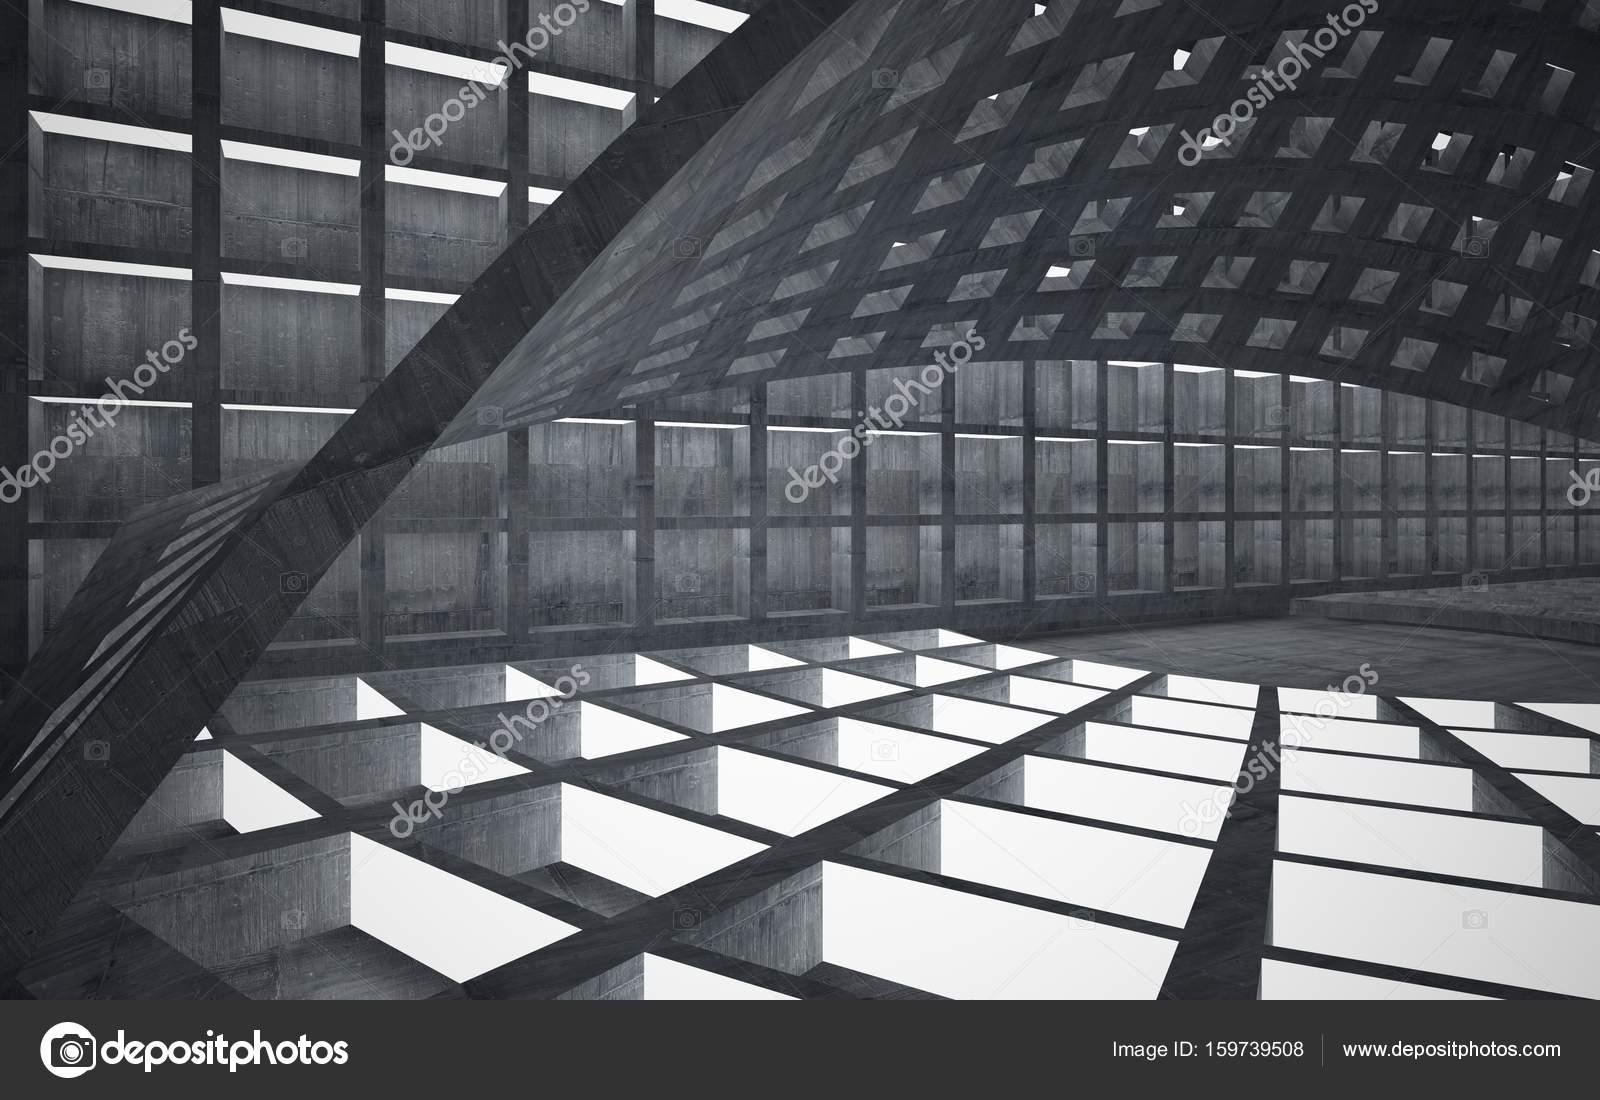 donkere interieur van metaal en beton — Stockfoto © sergeymansurov ...